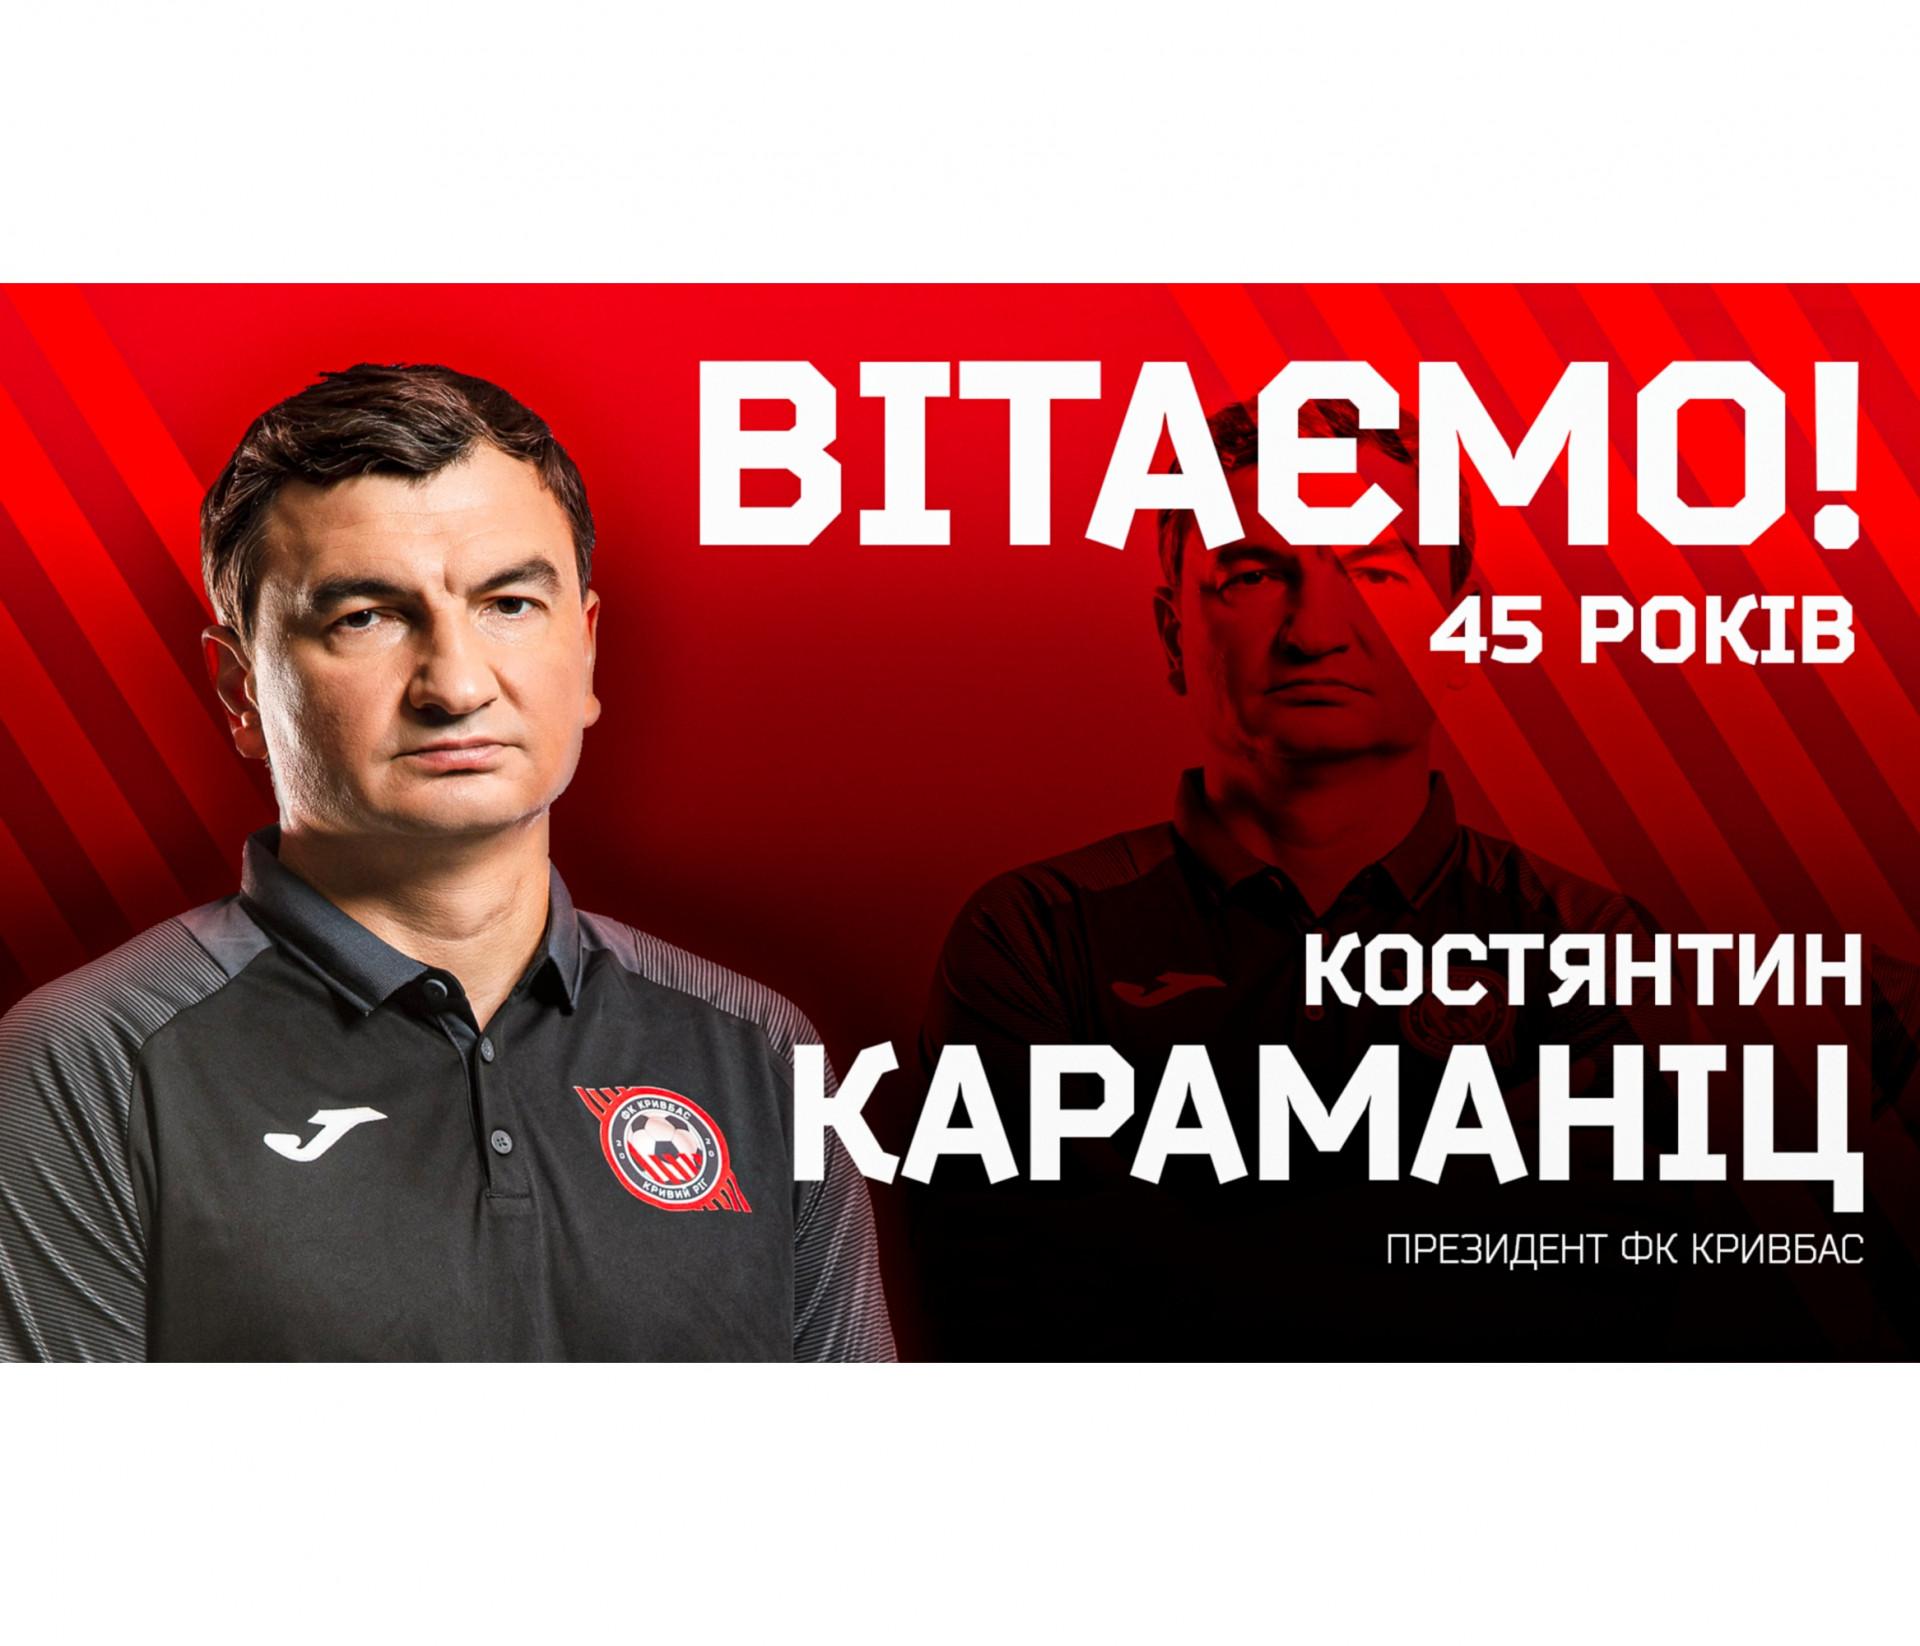 Костянтину Караманіц - 45!}